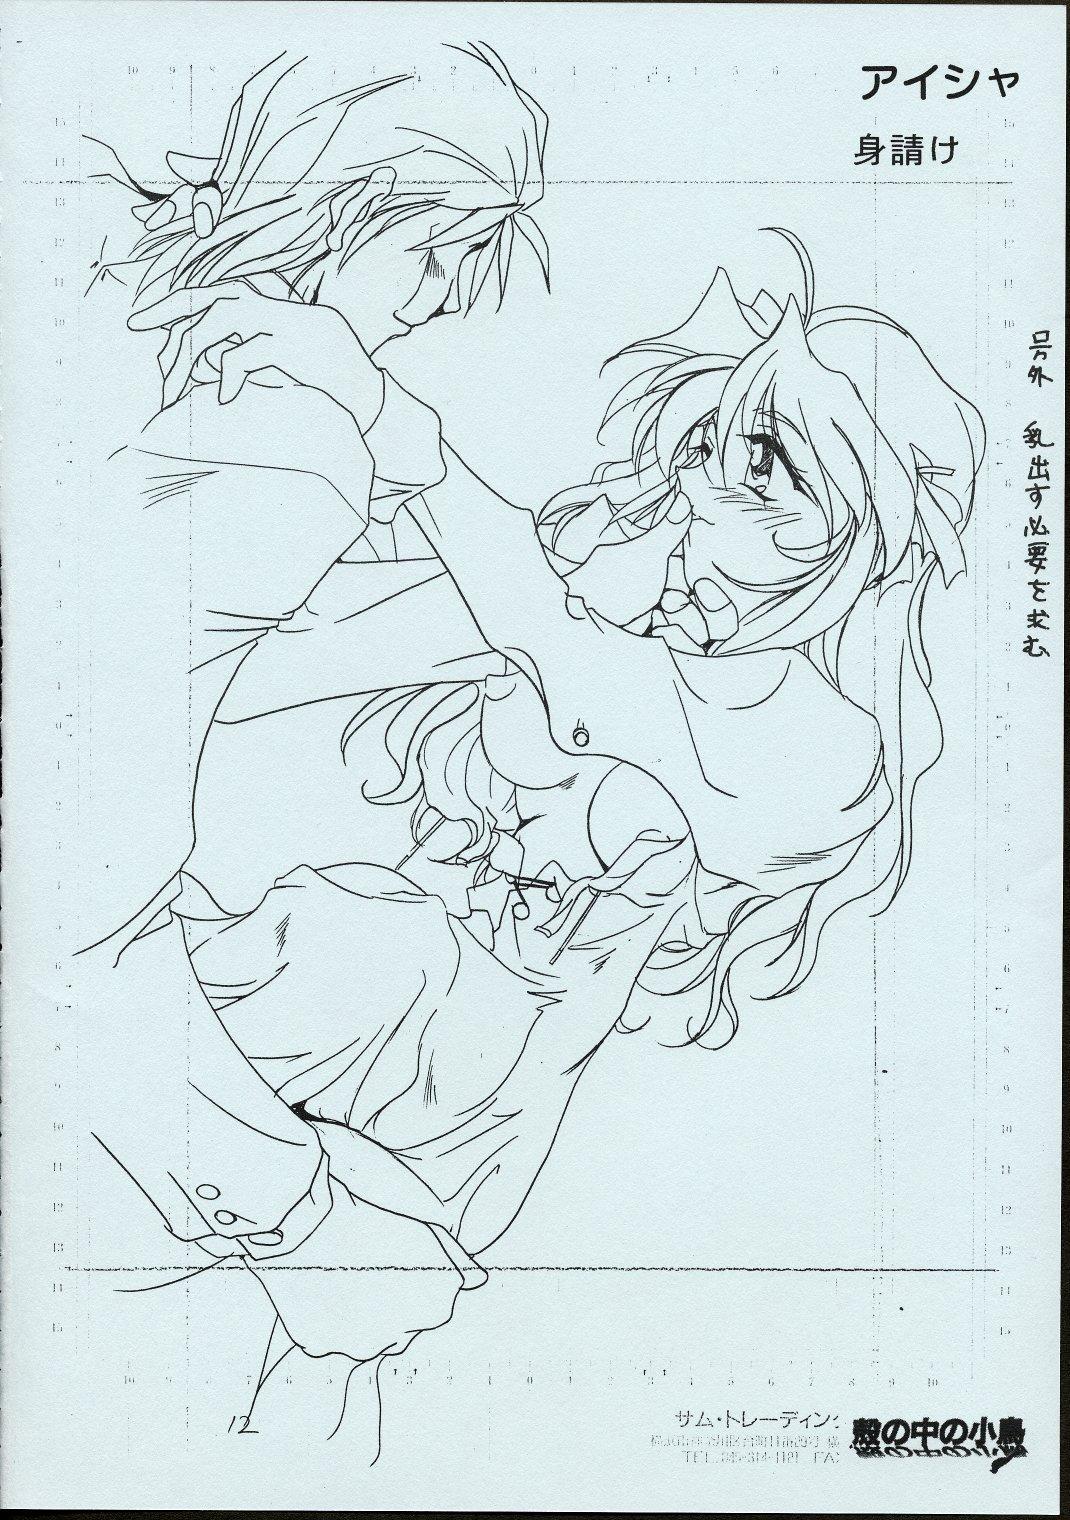 Maid-san kihonkei 68